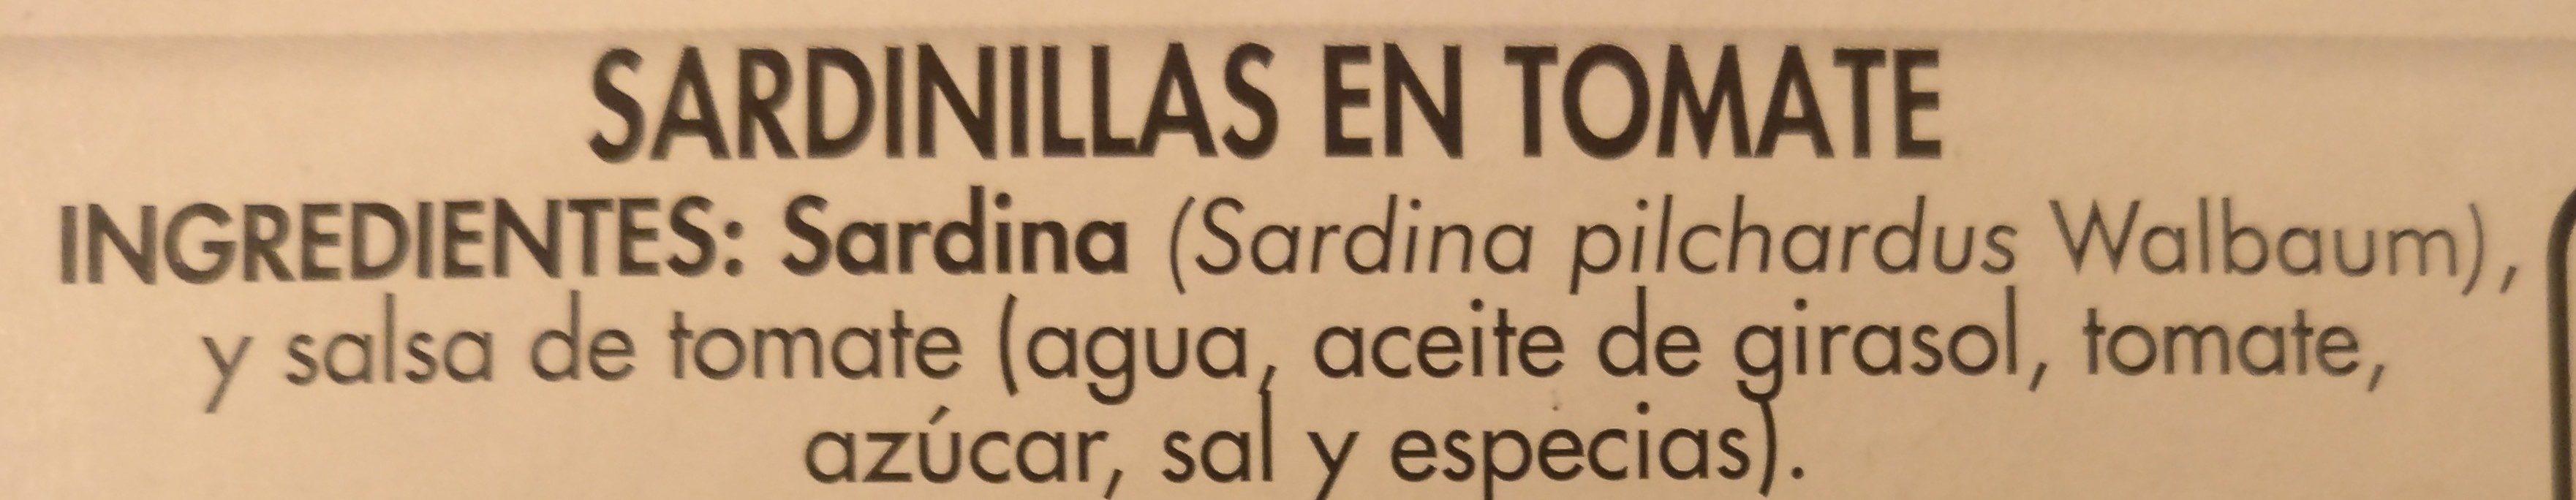 Sardinillas en tomate - Ingredients